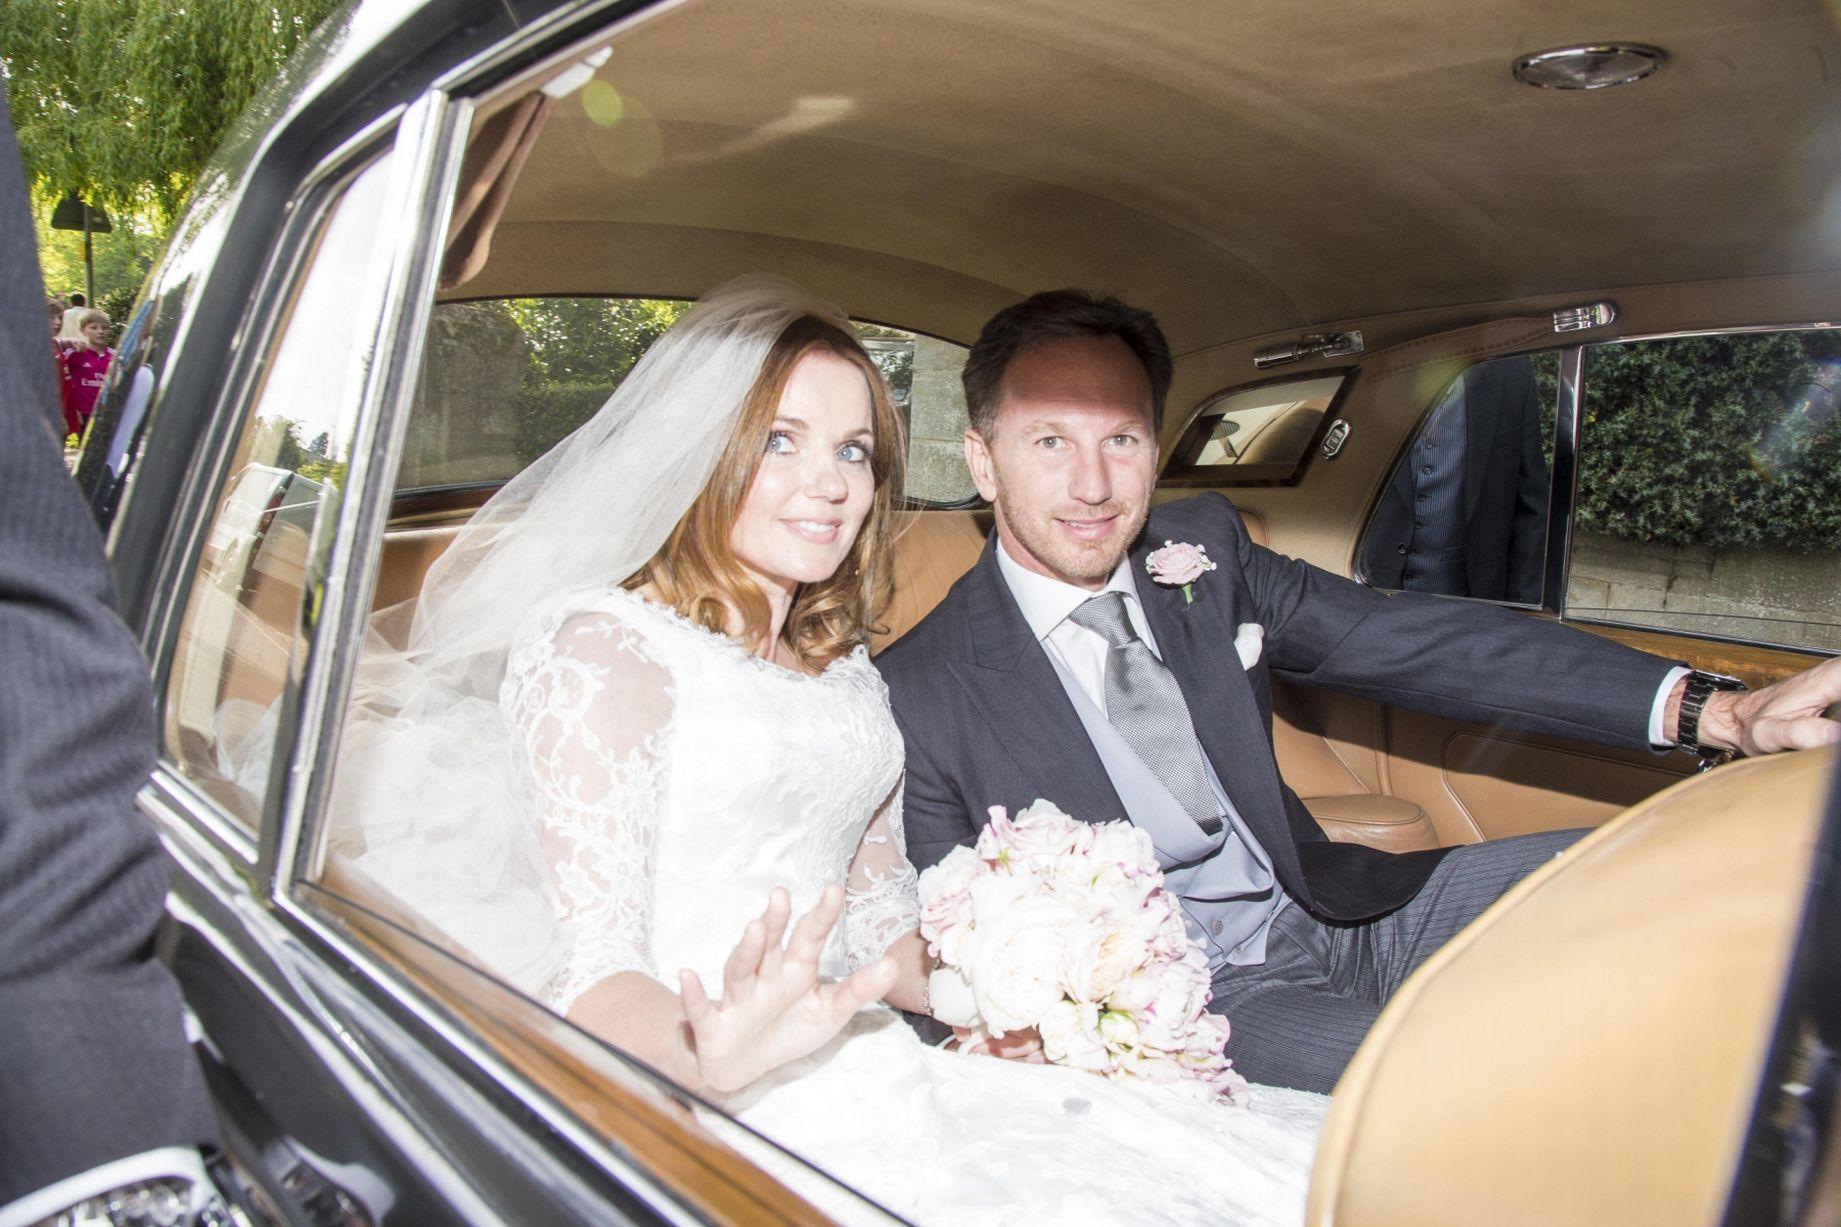 クリスチャンは結婚に制約があるの? 知っておきたい異文化と結婚のサムネイル画像